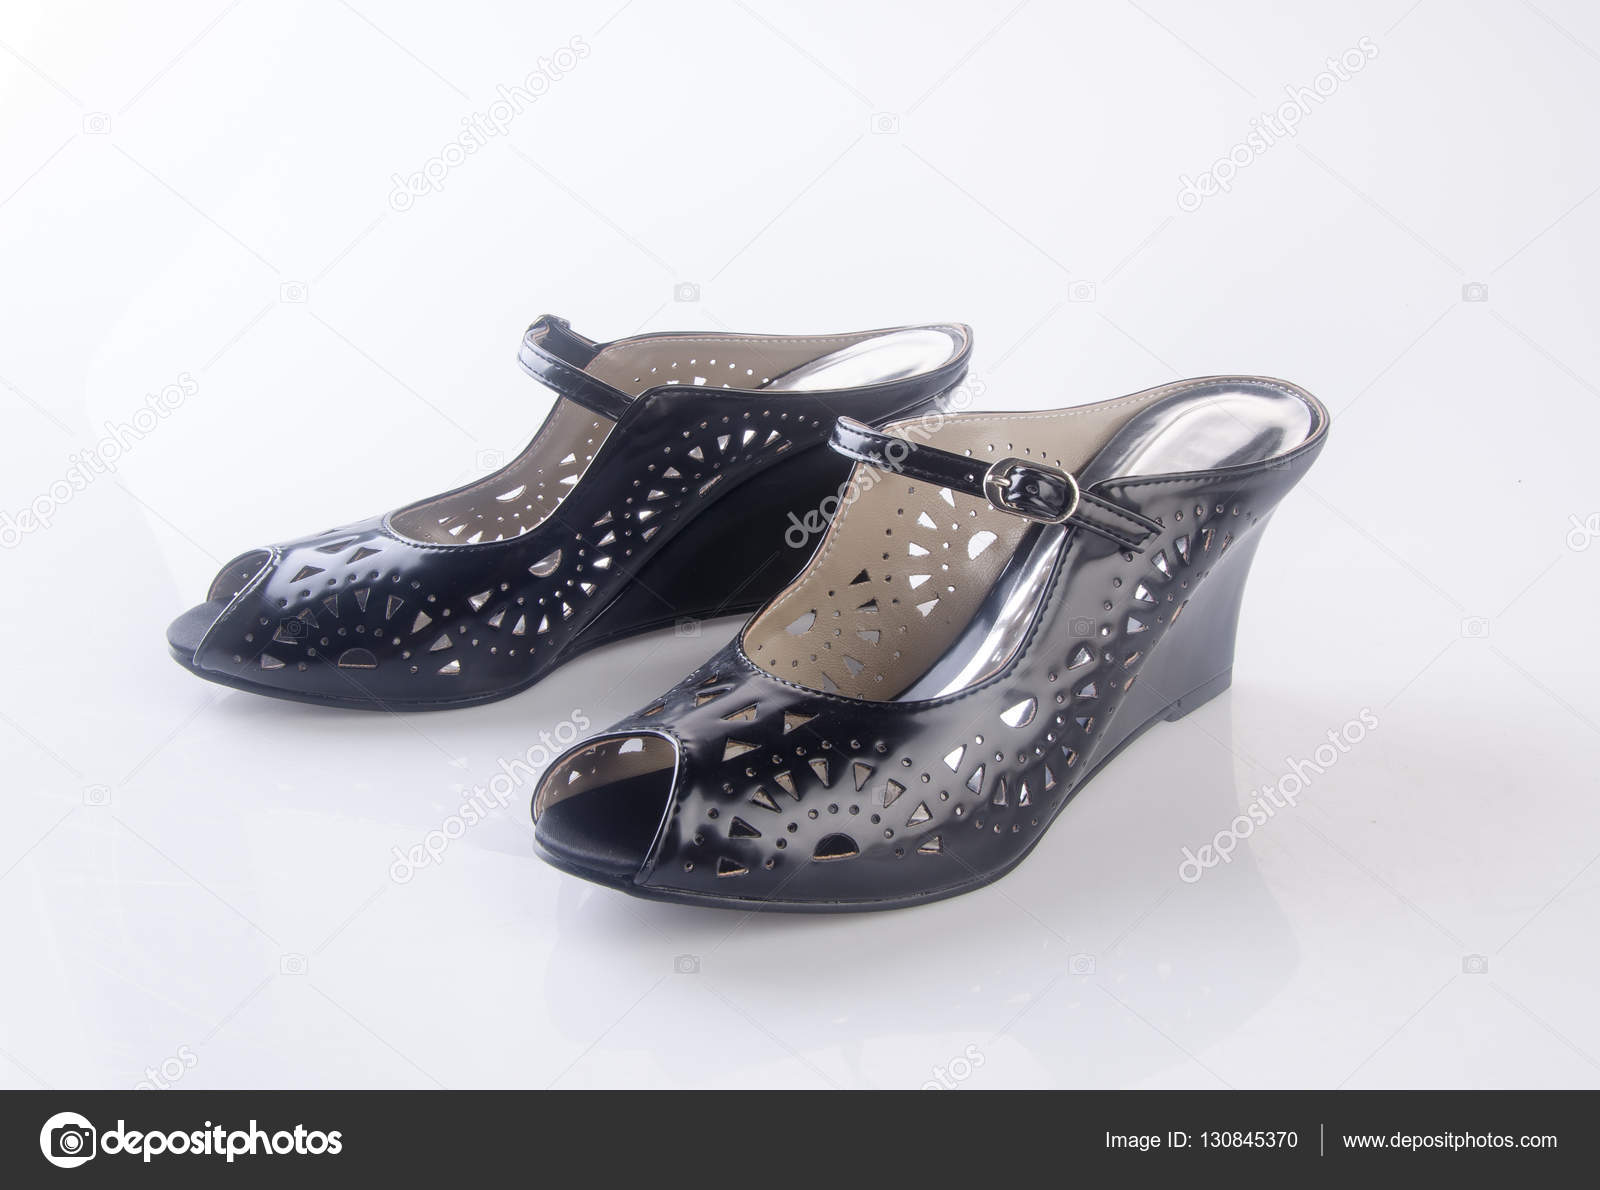 Schuhe Einem Auf Oder Schwarze Hintergrund Schuh Farbe Lady F3T1JculK